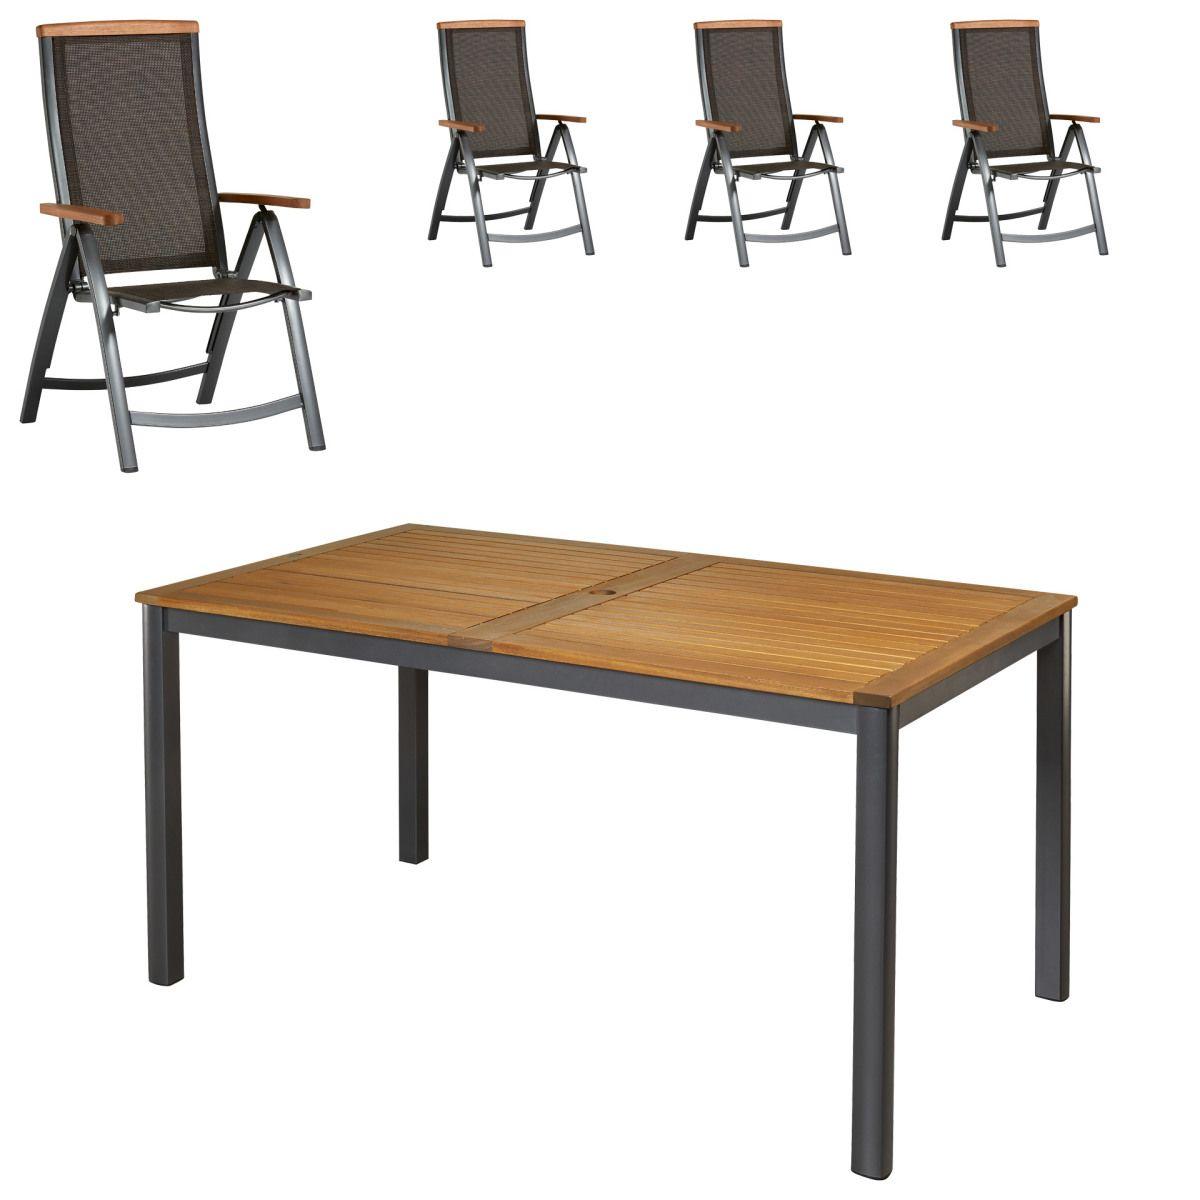 Hochwertig Gartenmöbel Set San Francisco/Santiago (89x150, 4 Stühle) Jetzt Bestellen  Unter